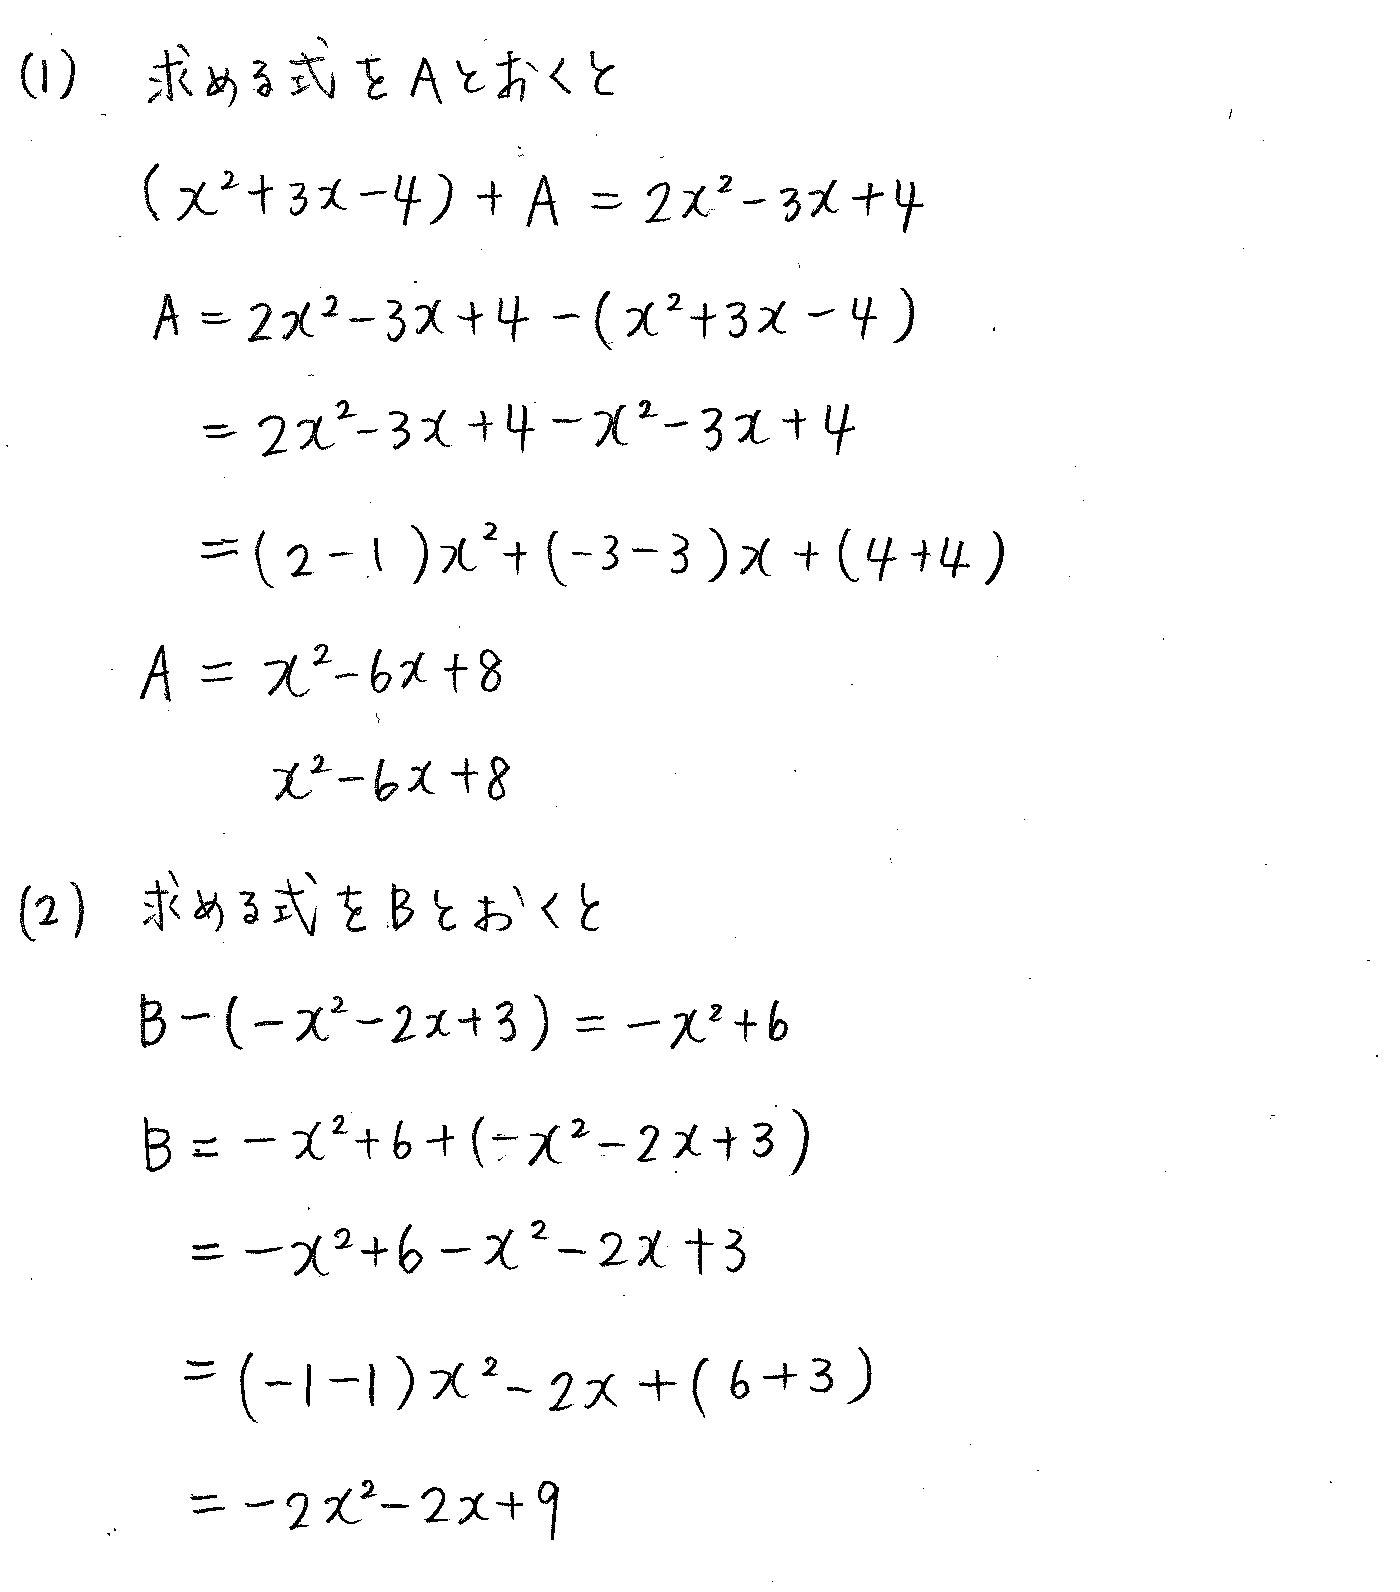 クリアー数学1-12解答